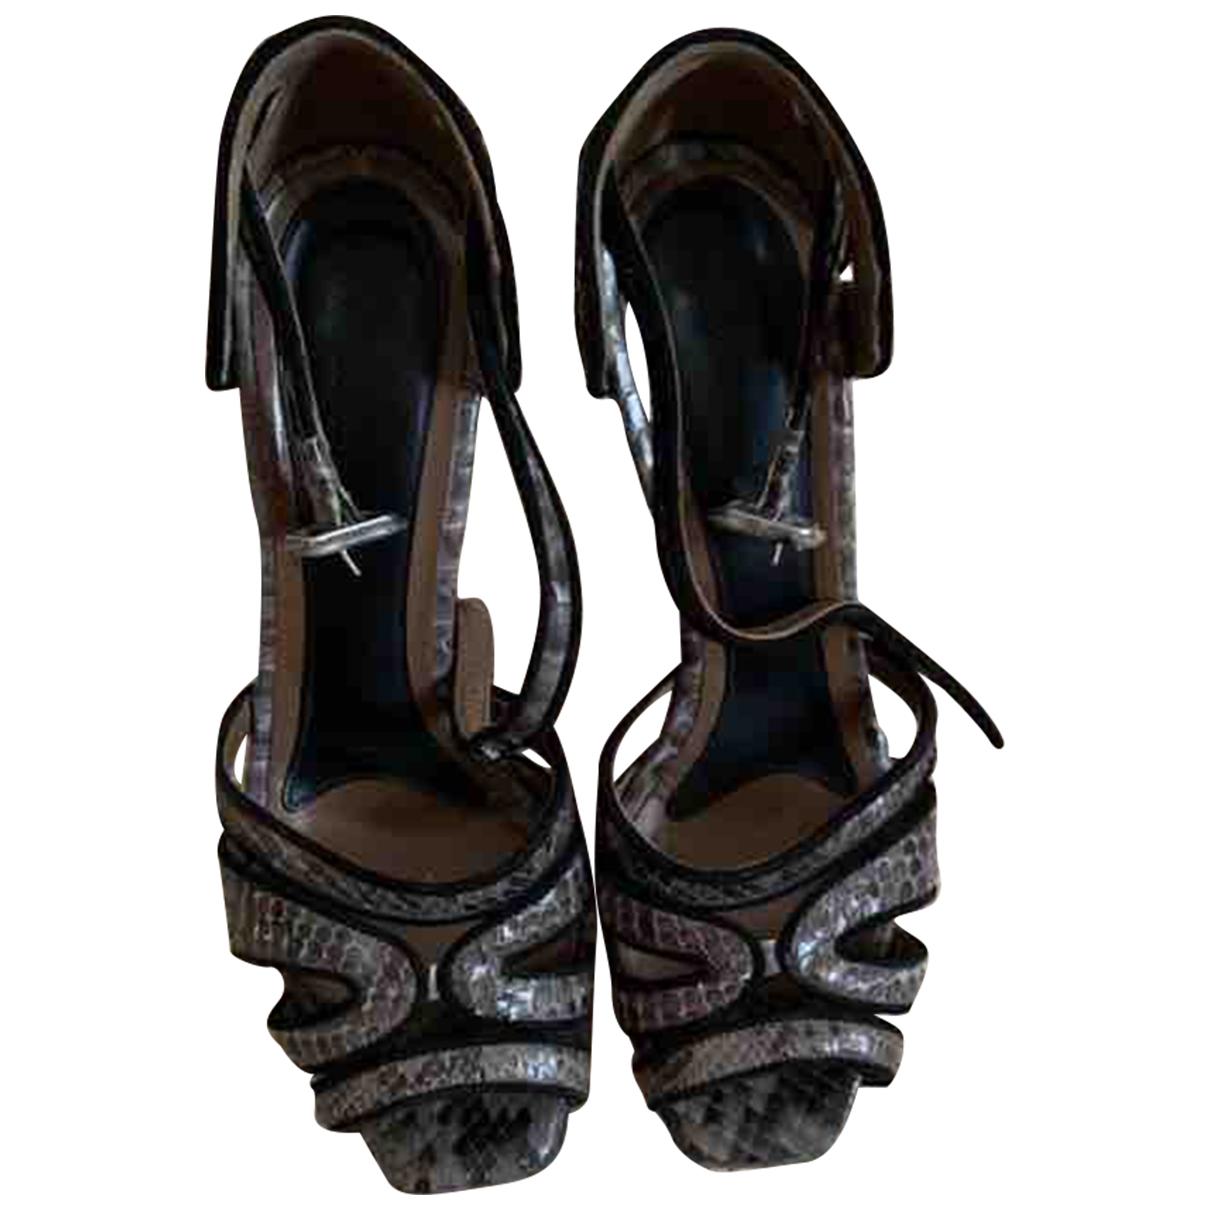 Sandalias de Piton Marni